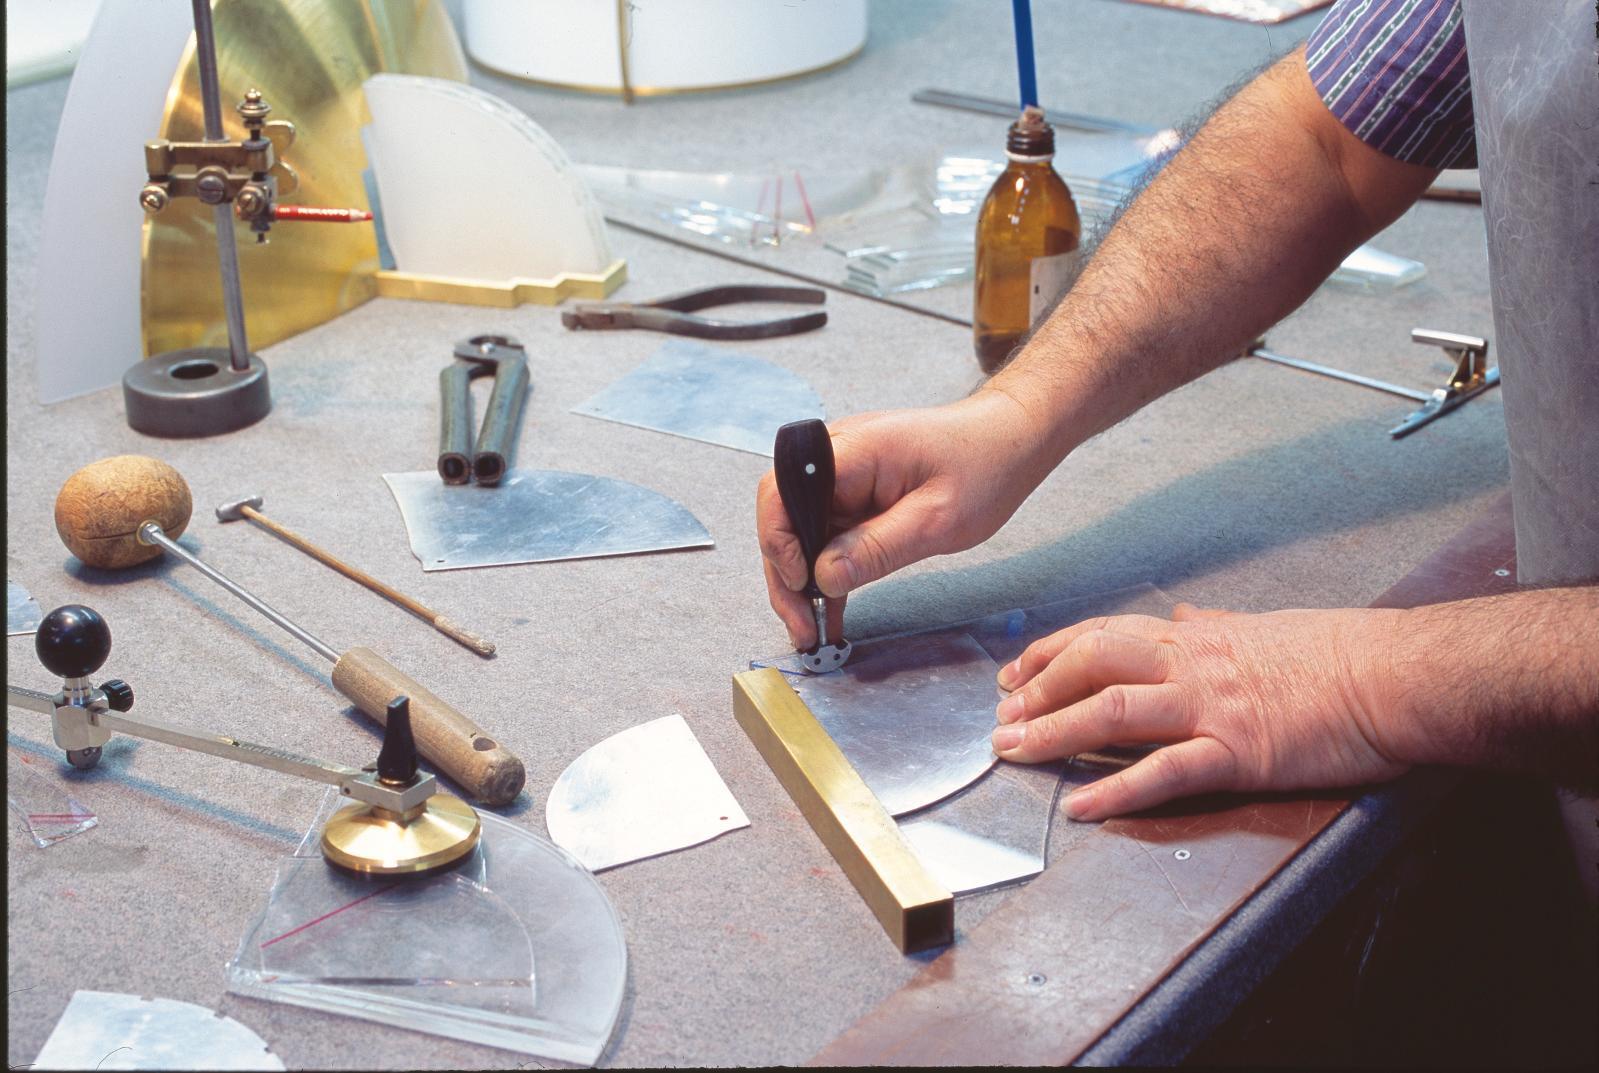 Traçage et découpe au diamant d'un verre optique extra-blanc à l'aide d'un gabarit.